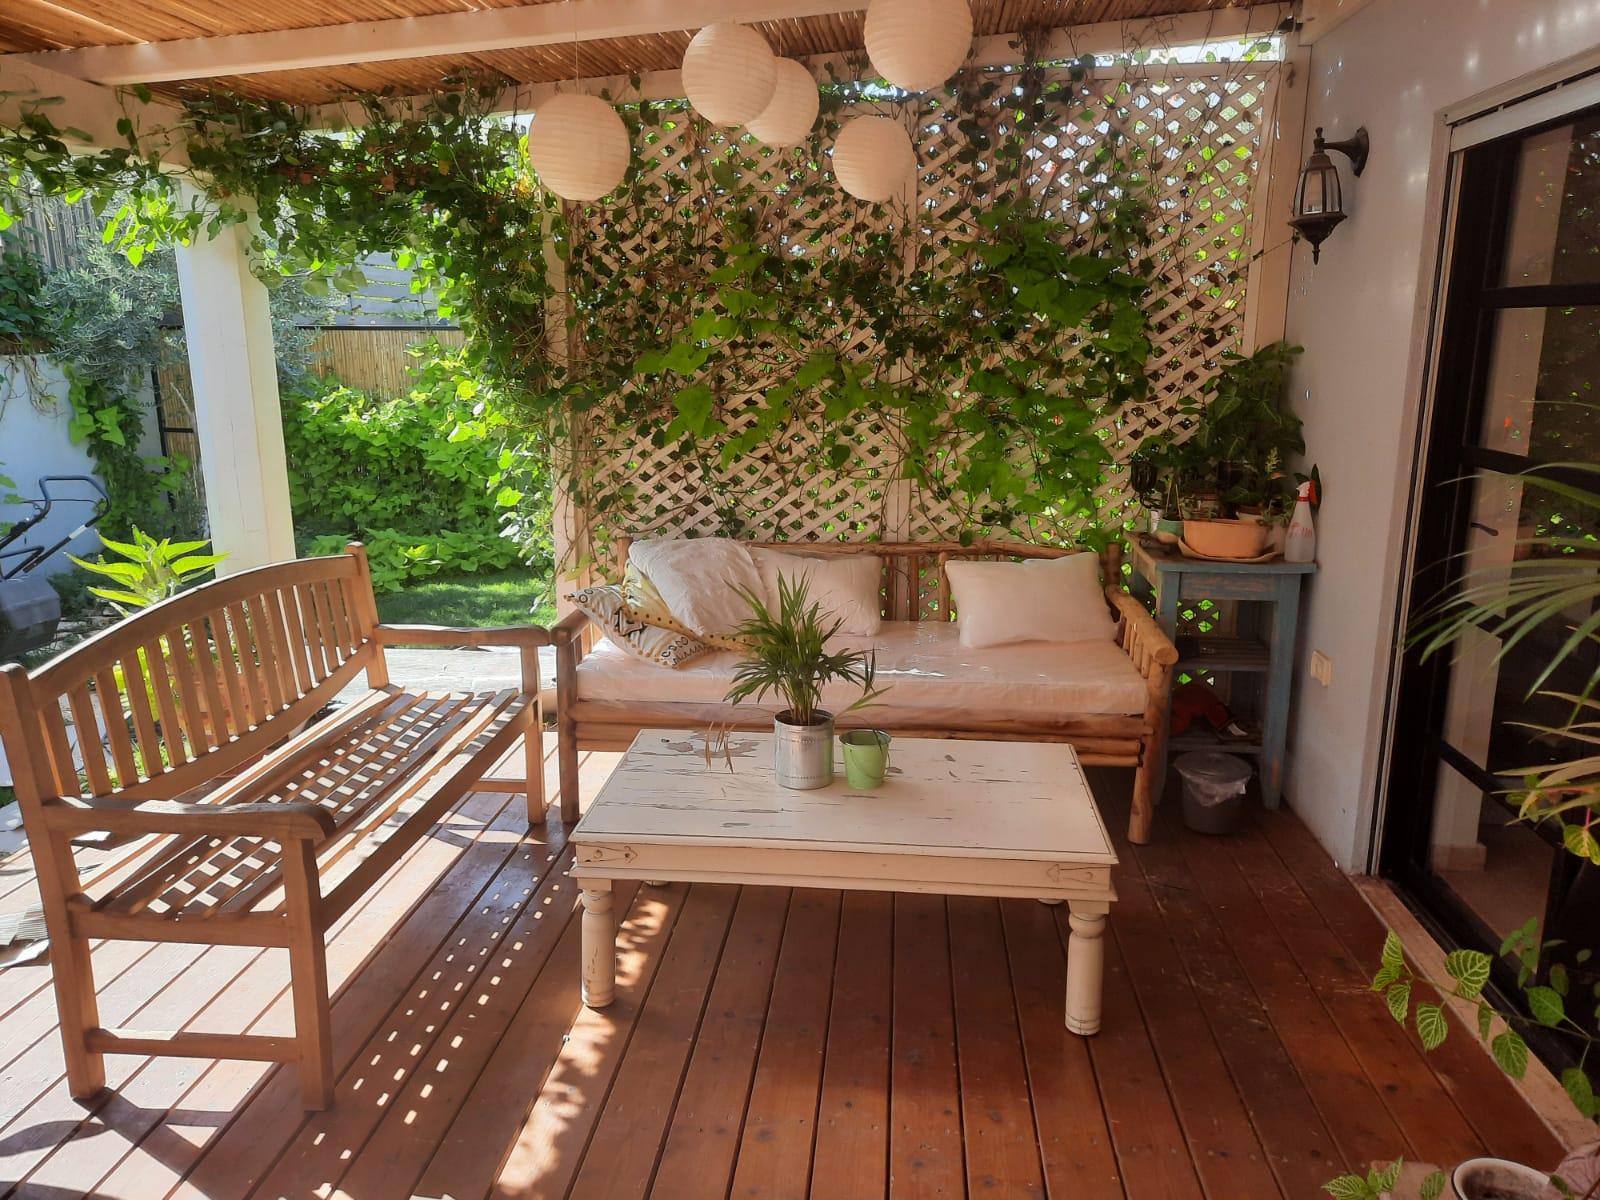 פינת ישיבה משולבת ספה טיק צעיר וספסל עץ